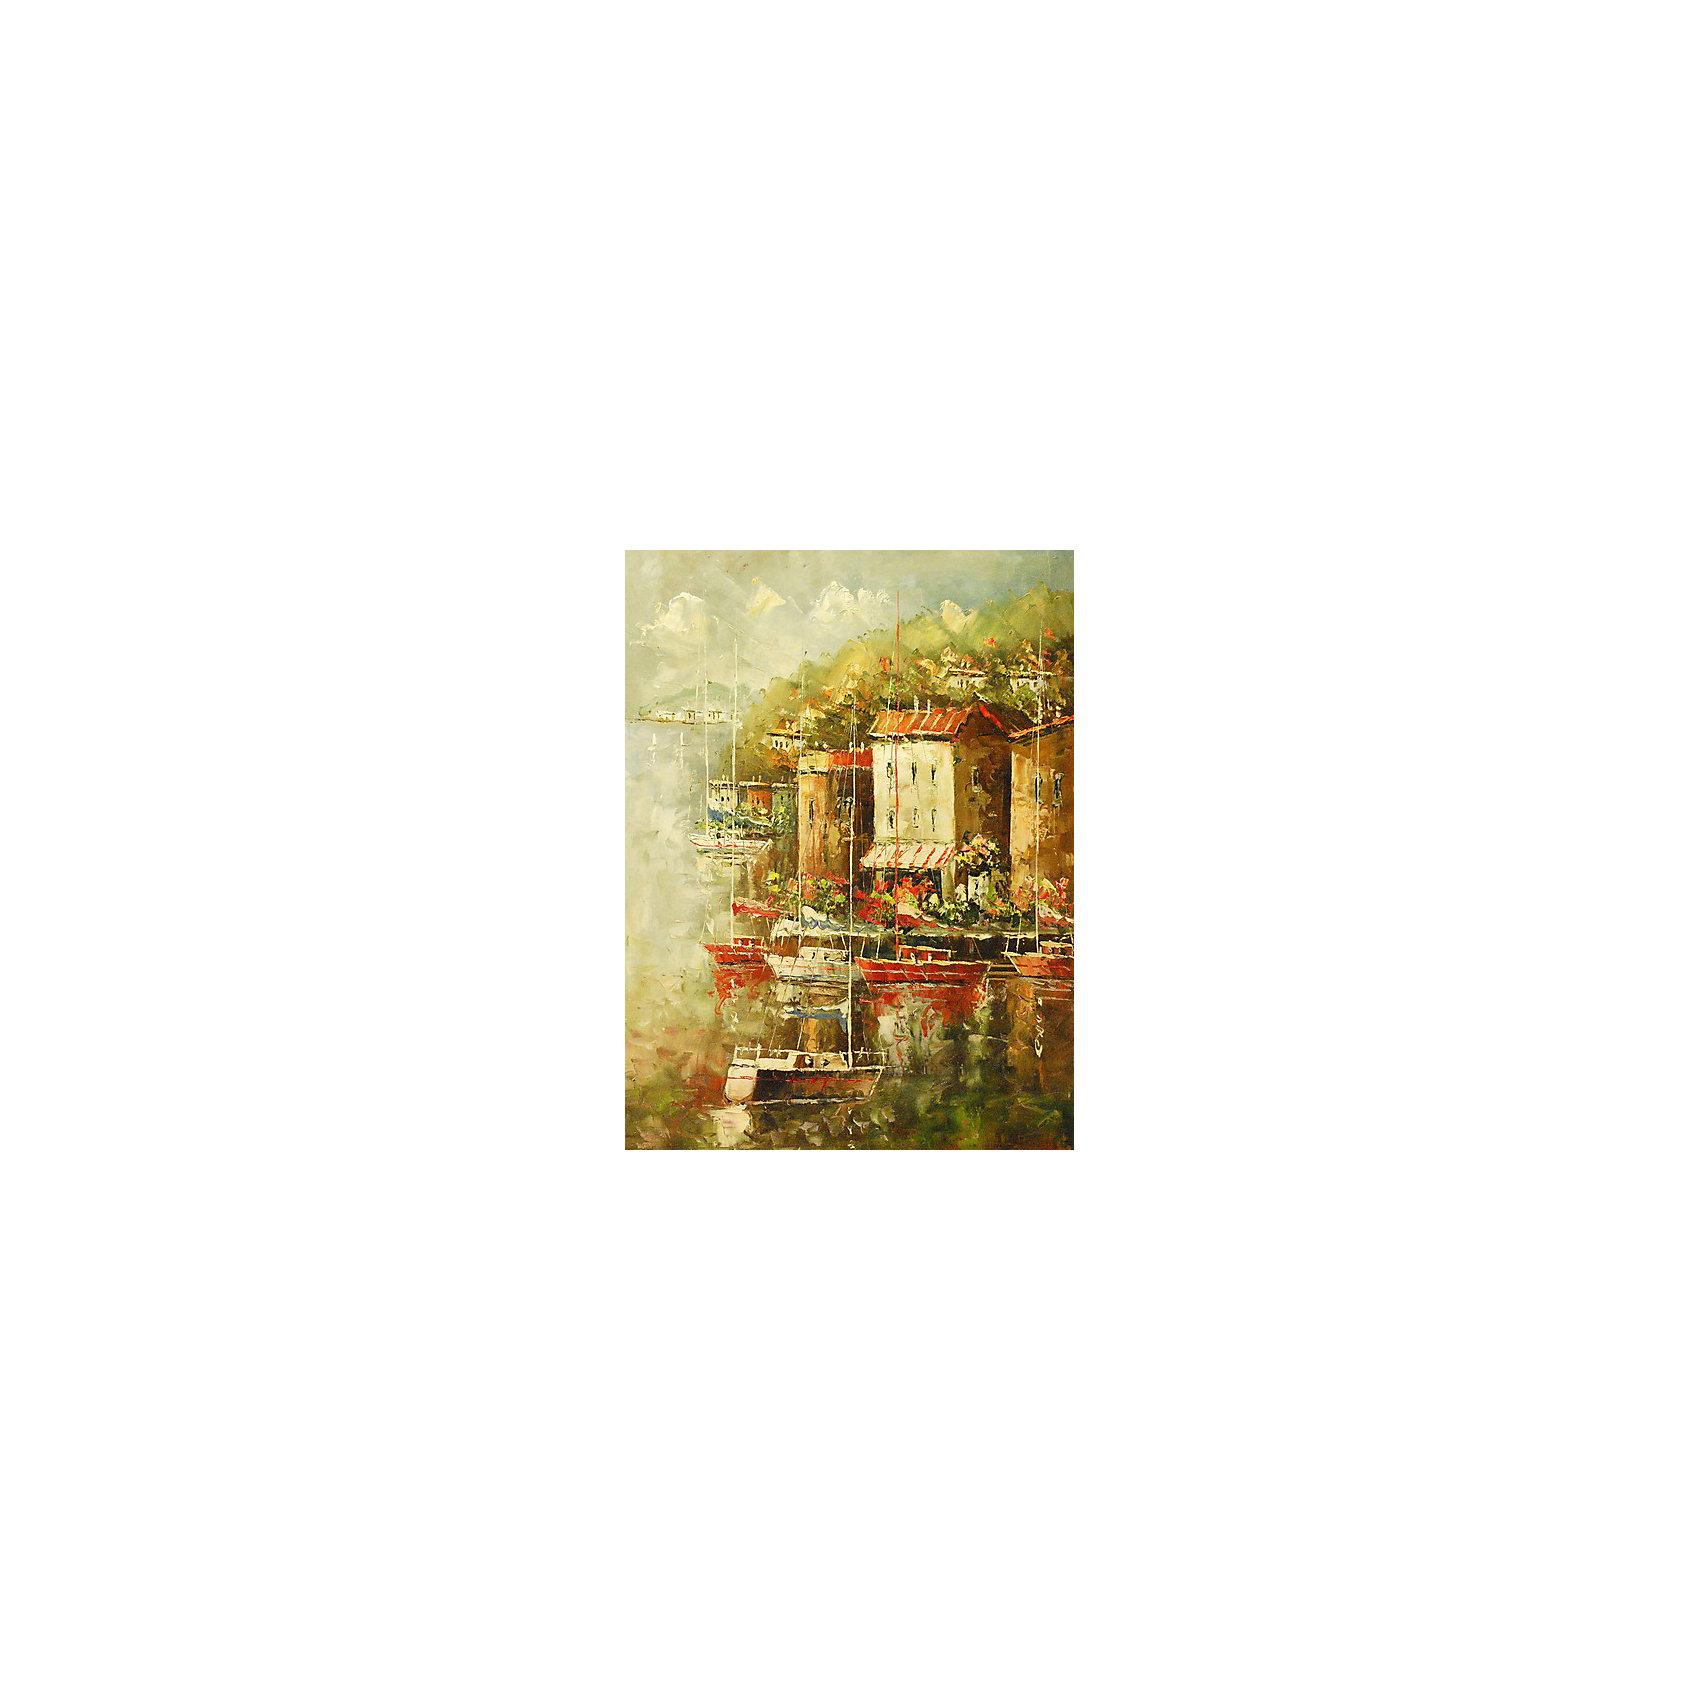 Картина - репродукция Пристань, Феникс-ПрезентПредметы интерьера<br>Картина - репродукция Пристань, Феникс-Презент <br><br>Характеристики:<br><br>• масляная печать на холсте<br>• дополнена ручной подрисовкой<br>• без рамки<br>• размер: 60х80х2,5 см<br><br>Правильно выбранная картина добавит гармонии и уюта в атмосферу вашего дома. Картина-репродукция с изображением пристани имеет масляную печать с ручной подрисовкой. Она прекрасно подойдет к интерьеру вашей комнаты или гостиной. Кроме того, картину можно преподнести в подарок. Размер картины - 60х80 сантиметров.<br><br>Картину - репродукцию Пристань, Феникс-Презент можно купить в нашем интернет-магазине.<br><br>Ширина мм: 600<br>Глубина мм: 800<br>Высота мм: 250<br>Вес г: 605<br>Возраст от месяцев: -2147483648<br>Возраст до месяцев: 2147483647<br>Пол: Унисекс<br>Возраст: Детский<br>SKU: 5449551